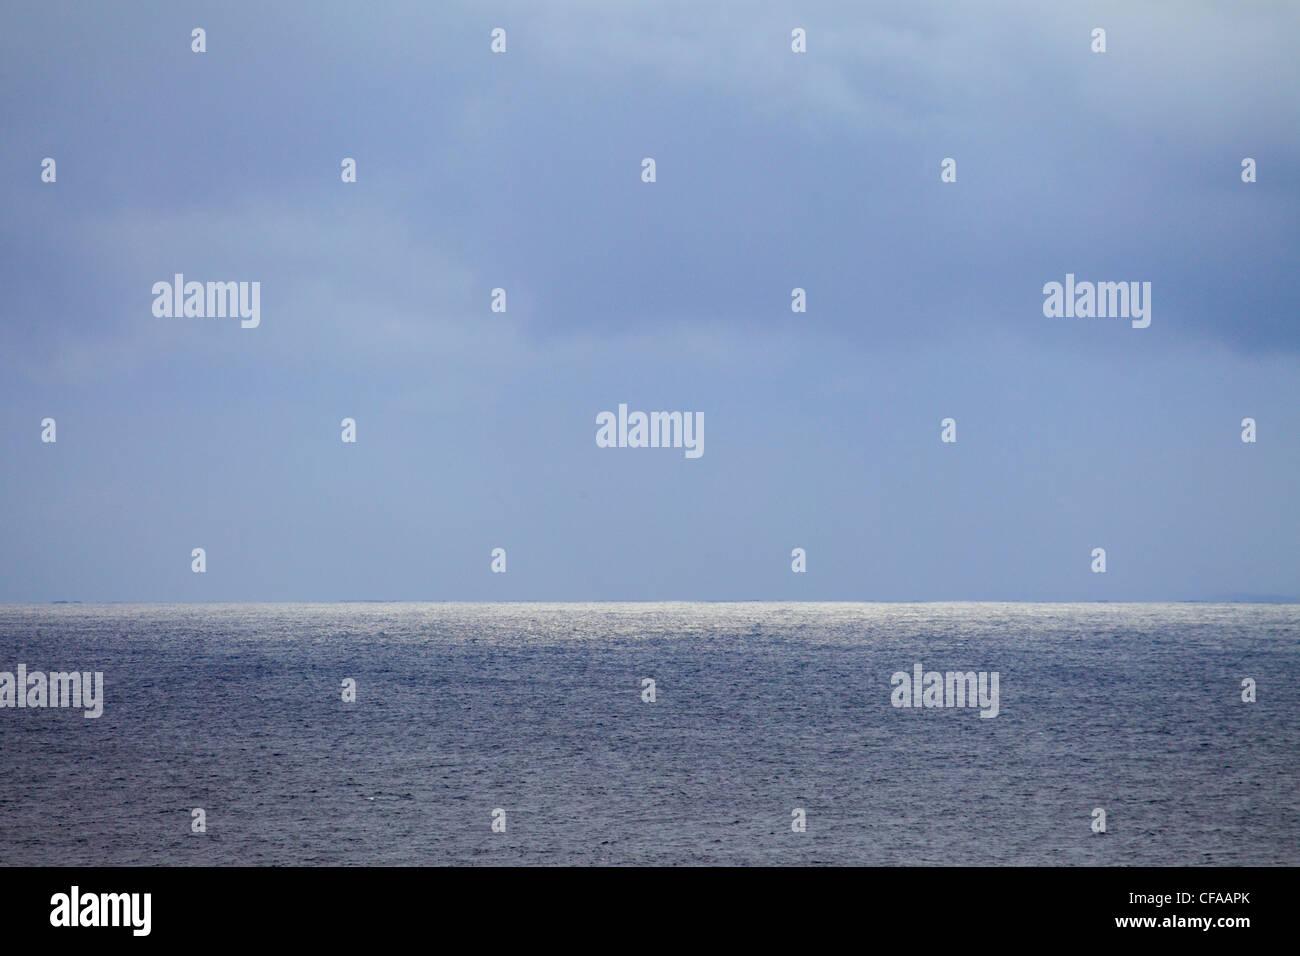 England, Glitzer, hellen Streifen, Silberstreif am Horizont, Meer, Regen, Schottland, Sonnenlicht, UK, Wester Ross, Stockbild